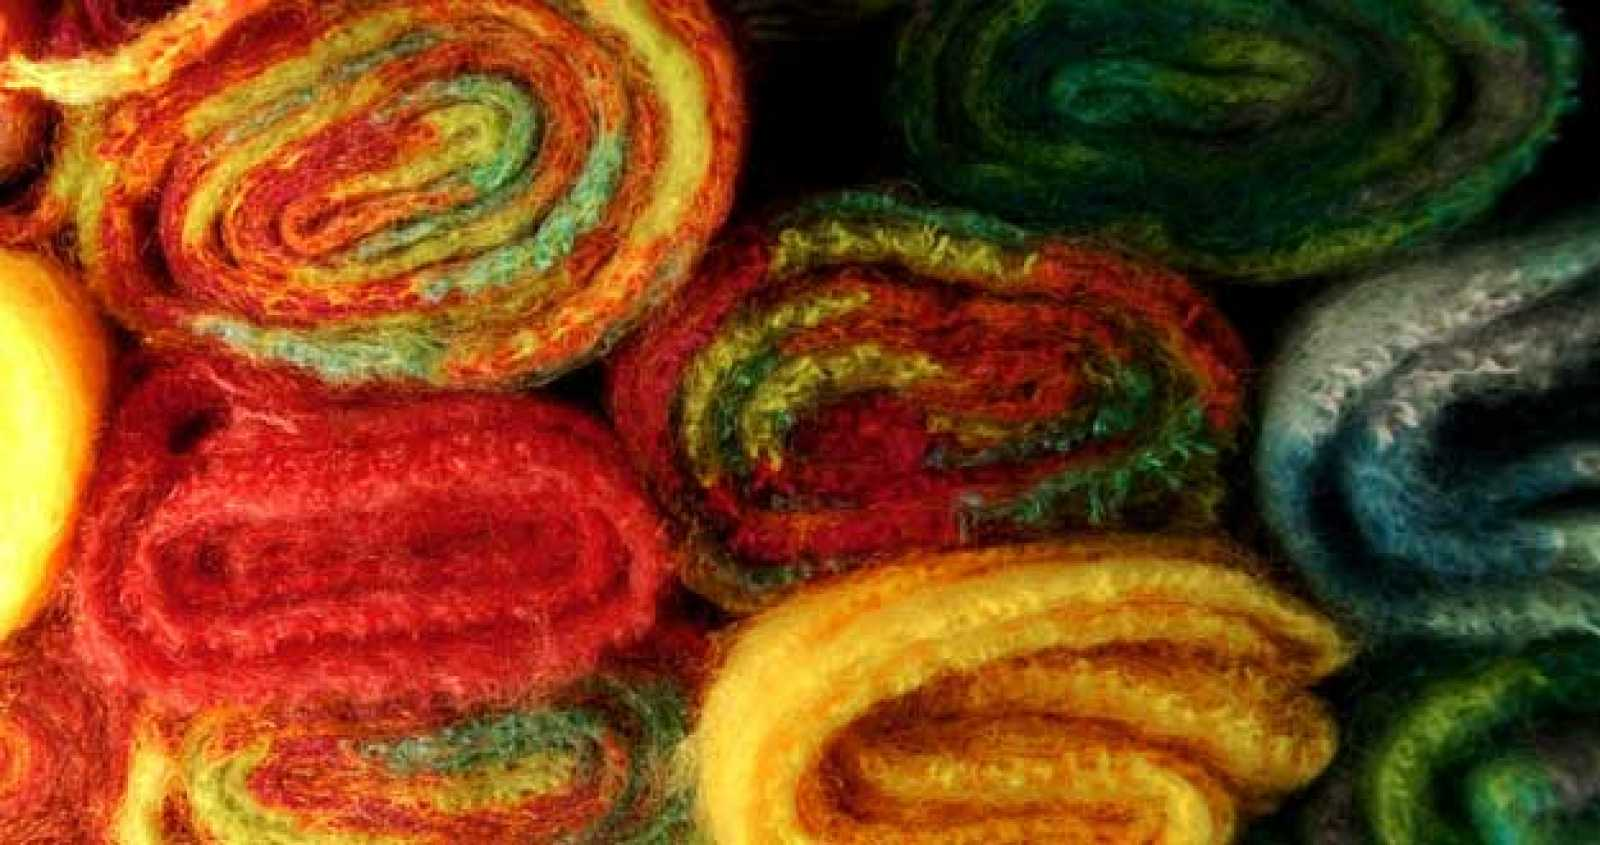 Las larvas de las polillas de la ropa se alimentan de queratina, una proteína presente en tejidos naturales